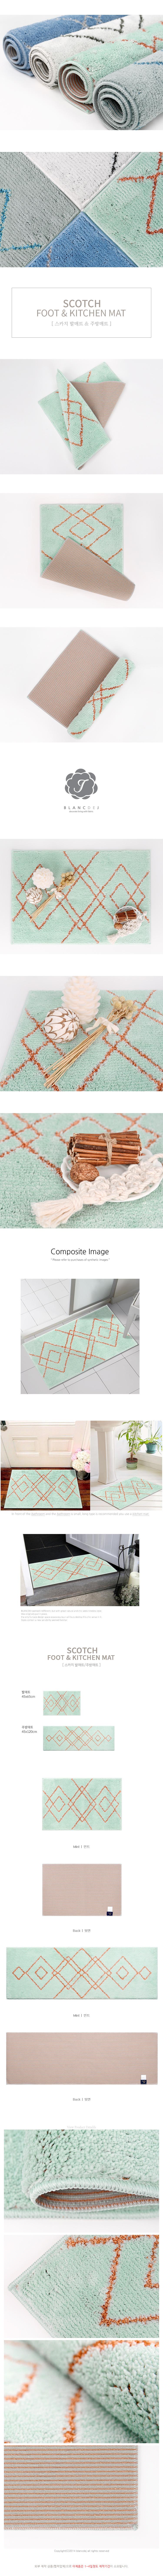 스카치 매트 민트 - 블랑드제이, 32,000원, 디자인 발매트, 패턴